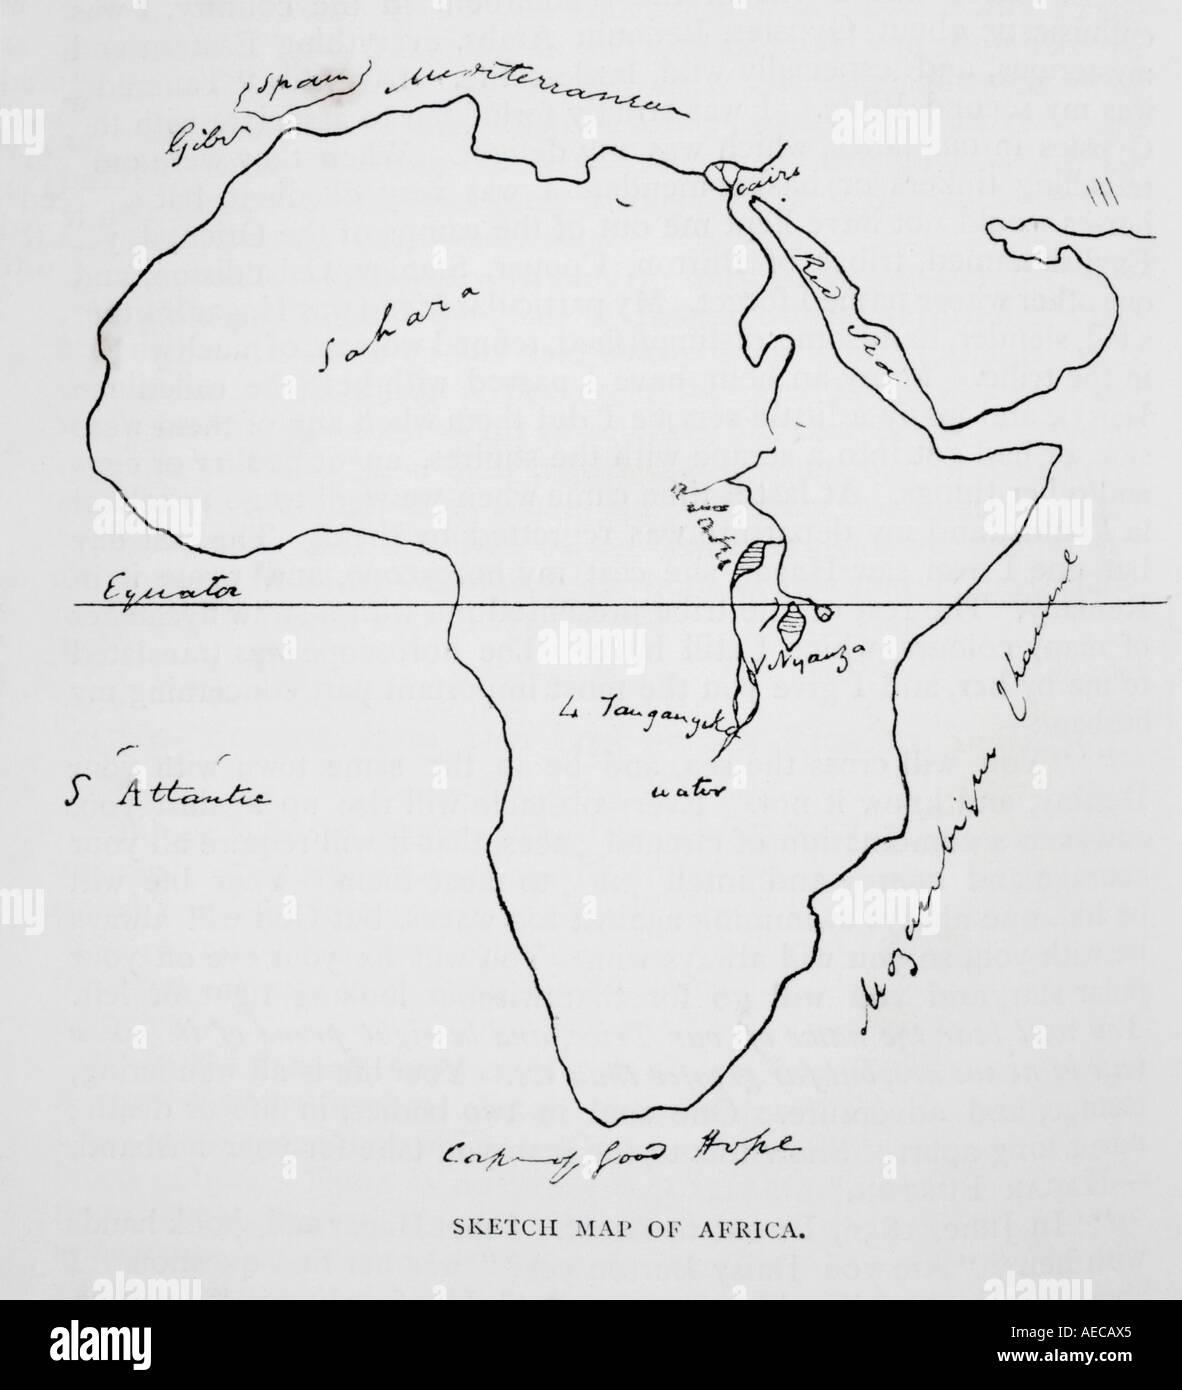 Sir Richard Francis Burtonu0027s Sketch Map Of Africa   Stock Image